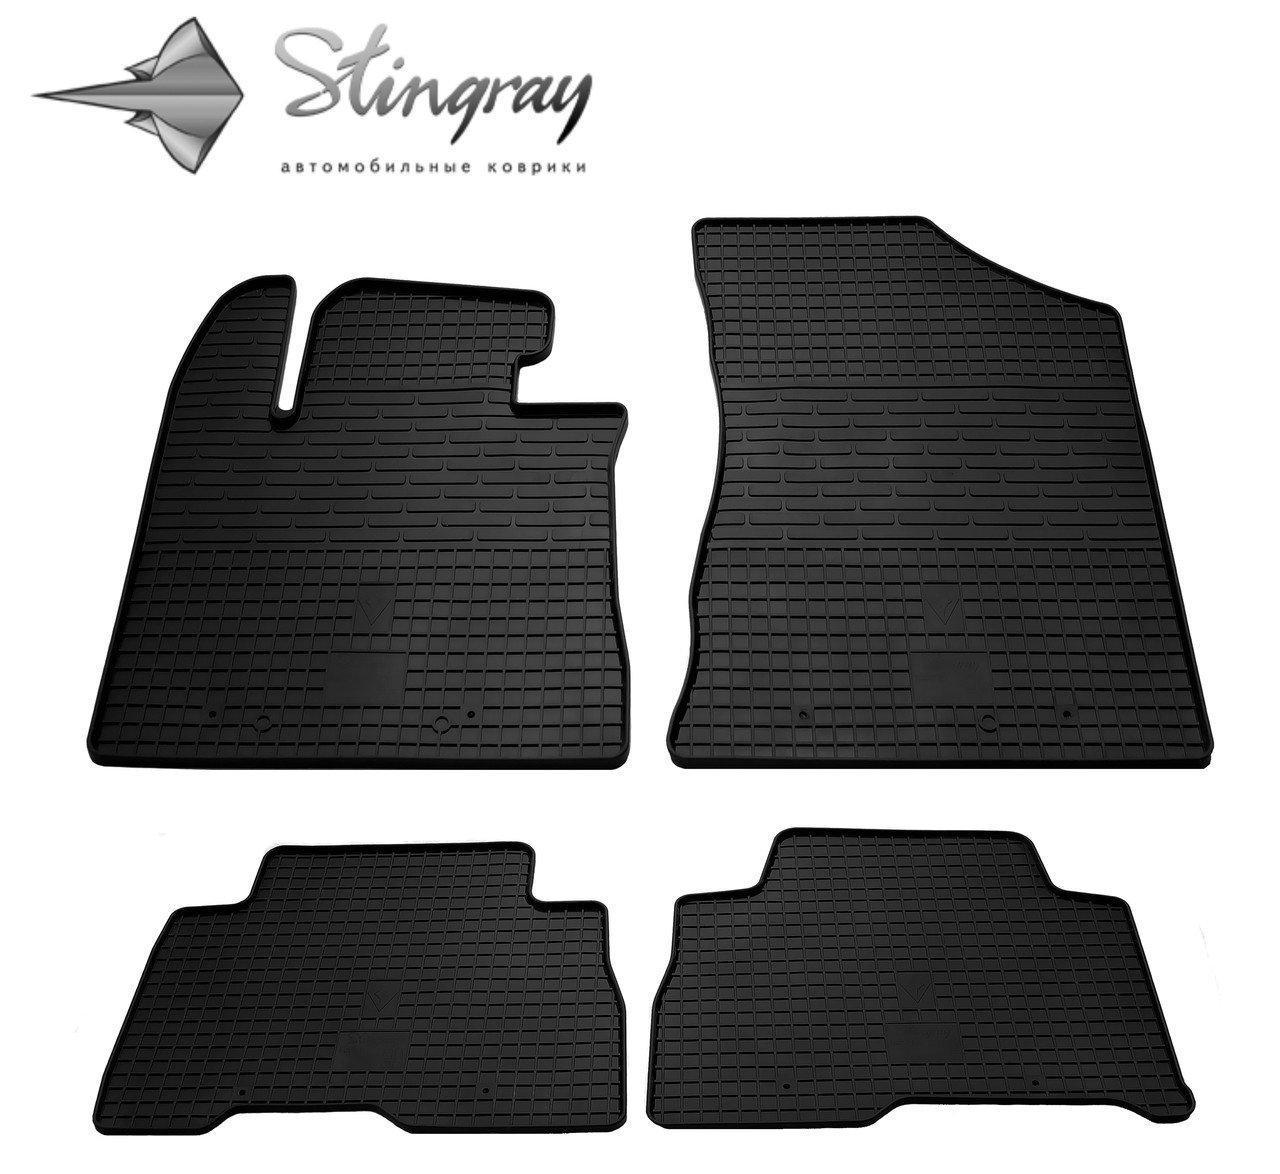 Автомобильные коврики Kia Sorento 2012-2015 Stingray